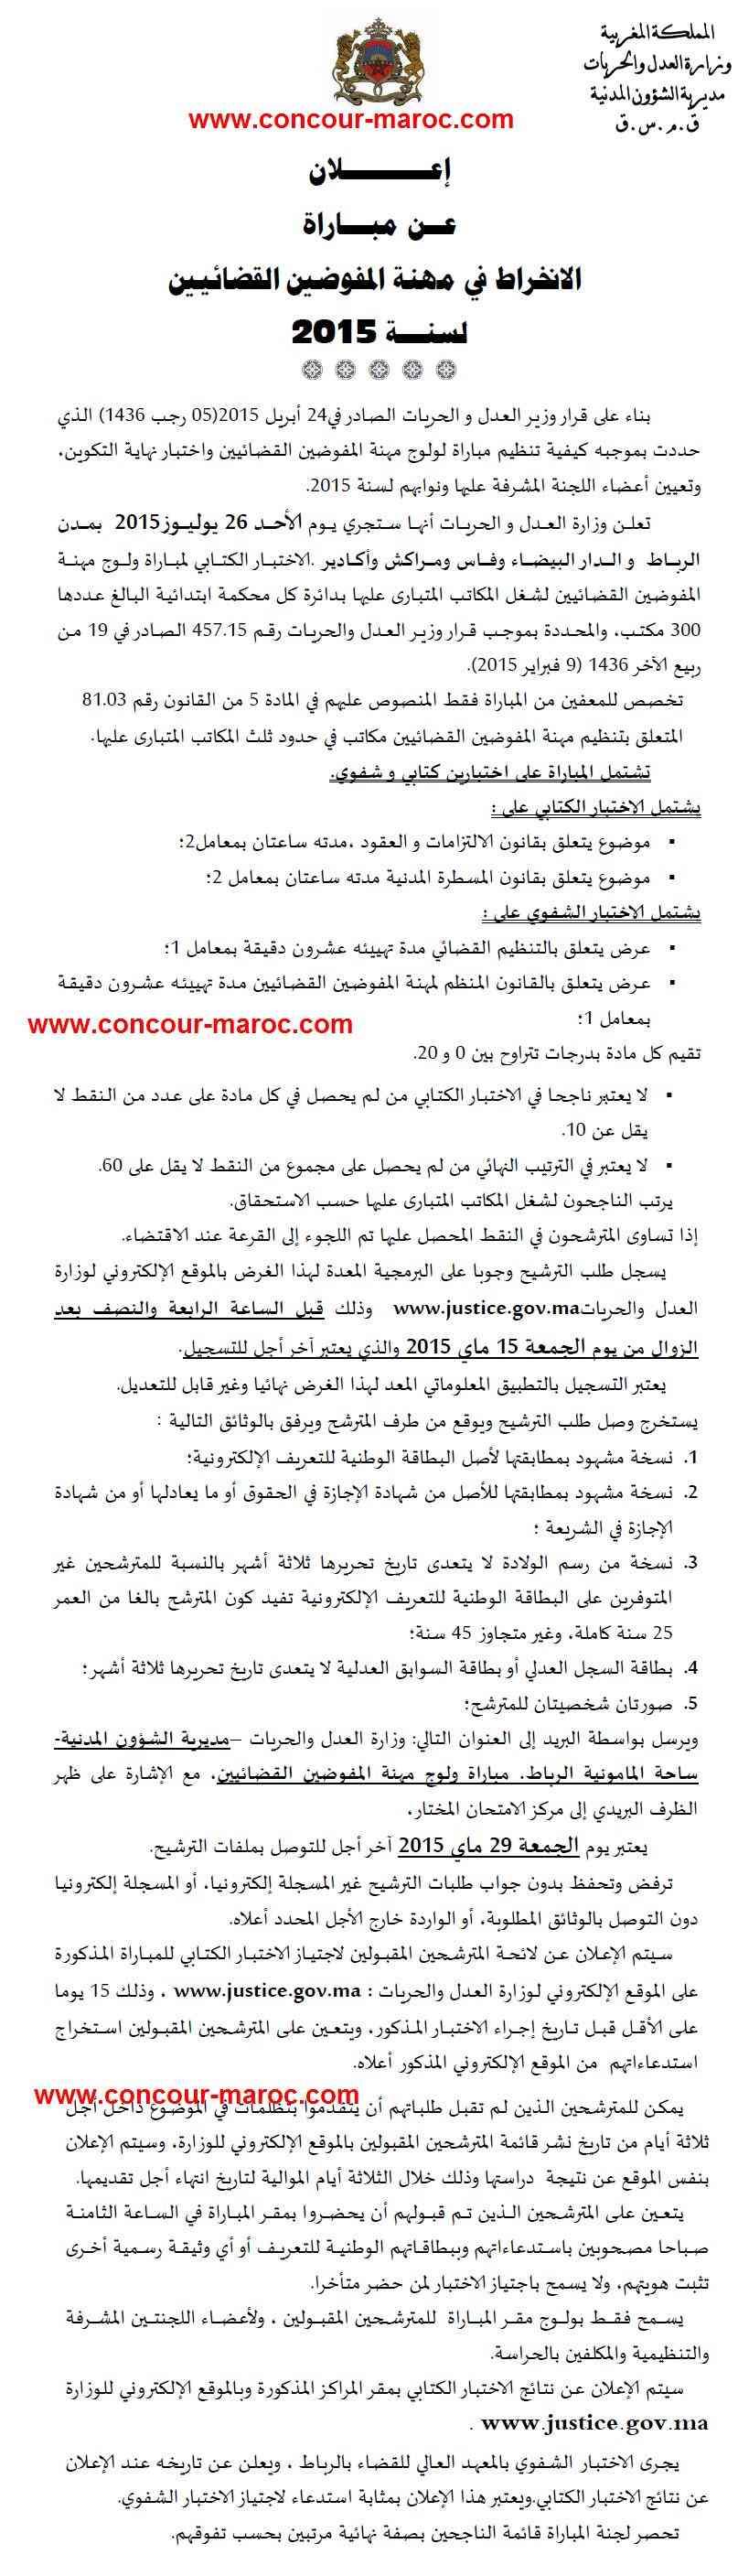 وزارة العدل  والحريات : إعــــــــــلان عــن مبـــاراة الانخراط في مهنة المفوضين القضائيين اخر اجل للتسجيل 15 ماي 2015  Conco104